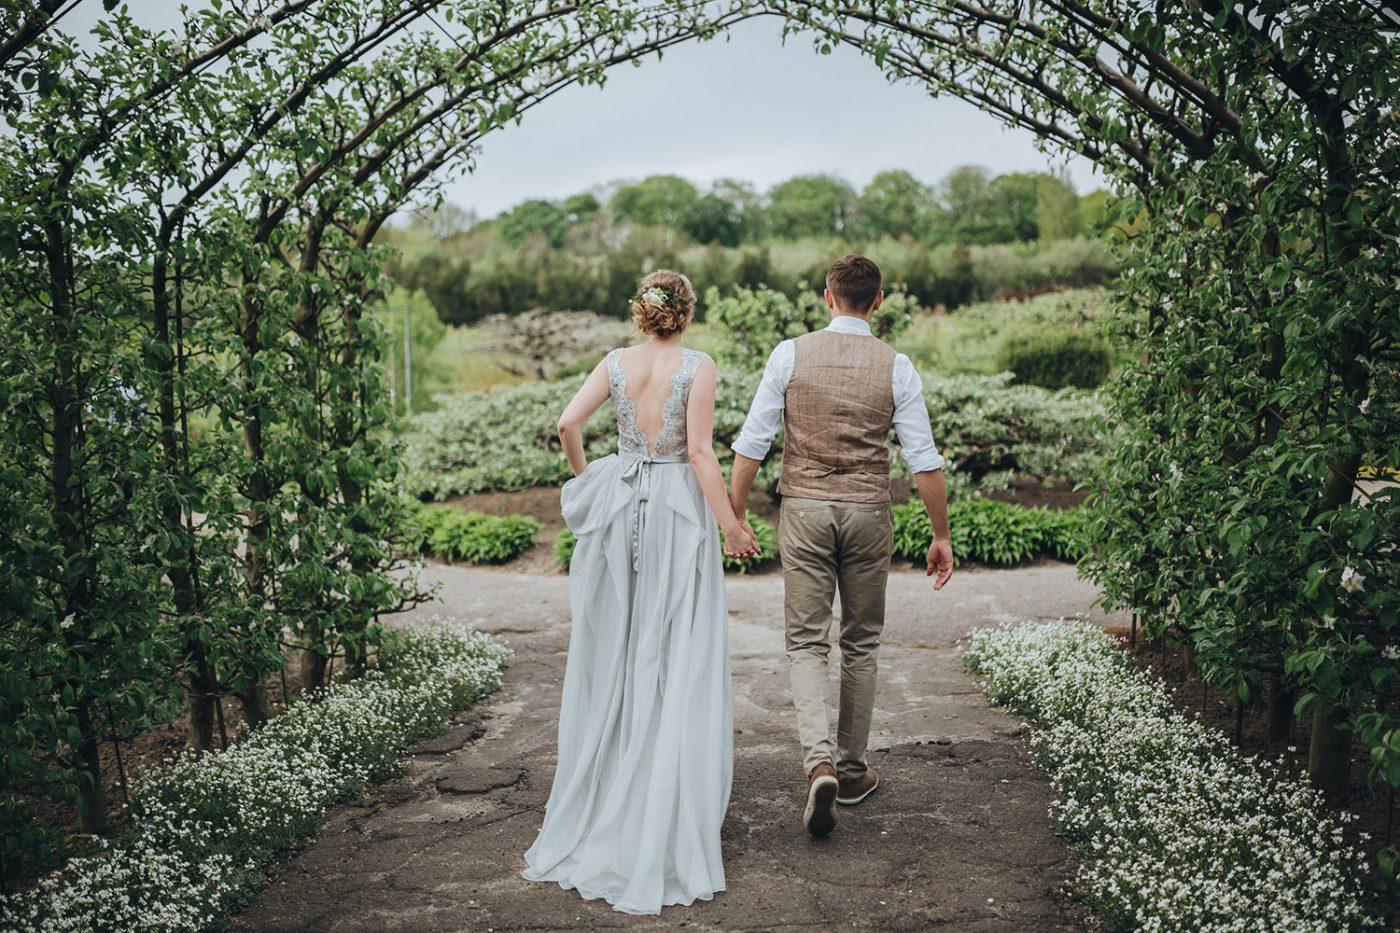 Outdoor Wedding Venues in the UK